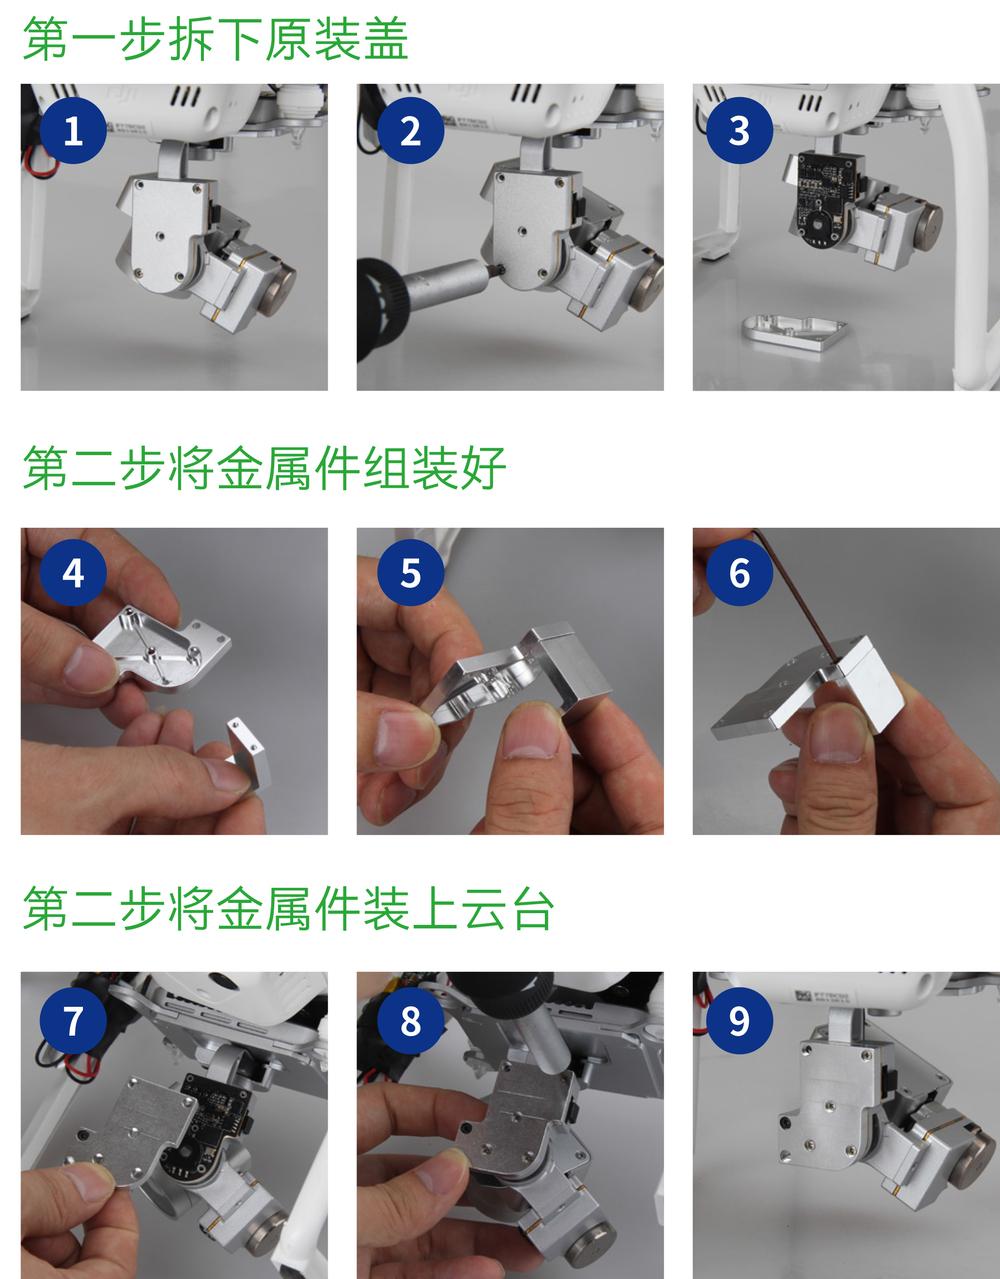 DJI Phantom 3 Accessories Gimbal Protection Kit Gimbal Guard